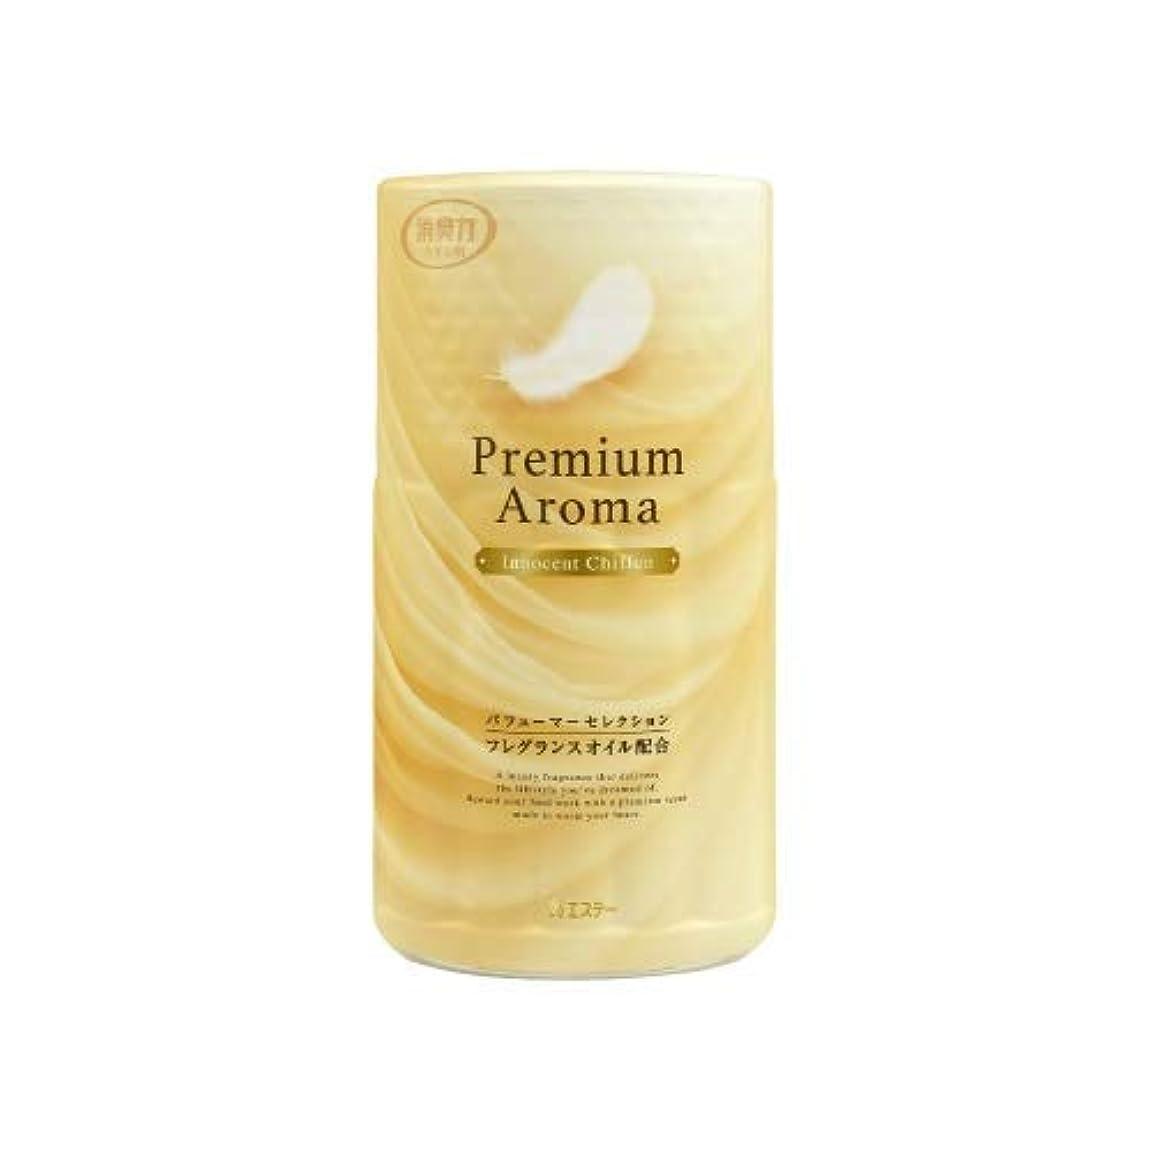 博物館勝利したトイレの消臭力 Premium Aroma イノセントシフォン × 8個セット